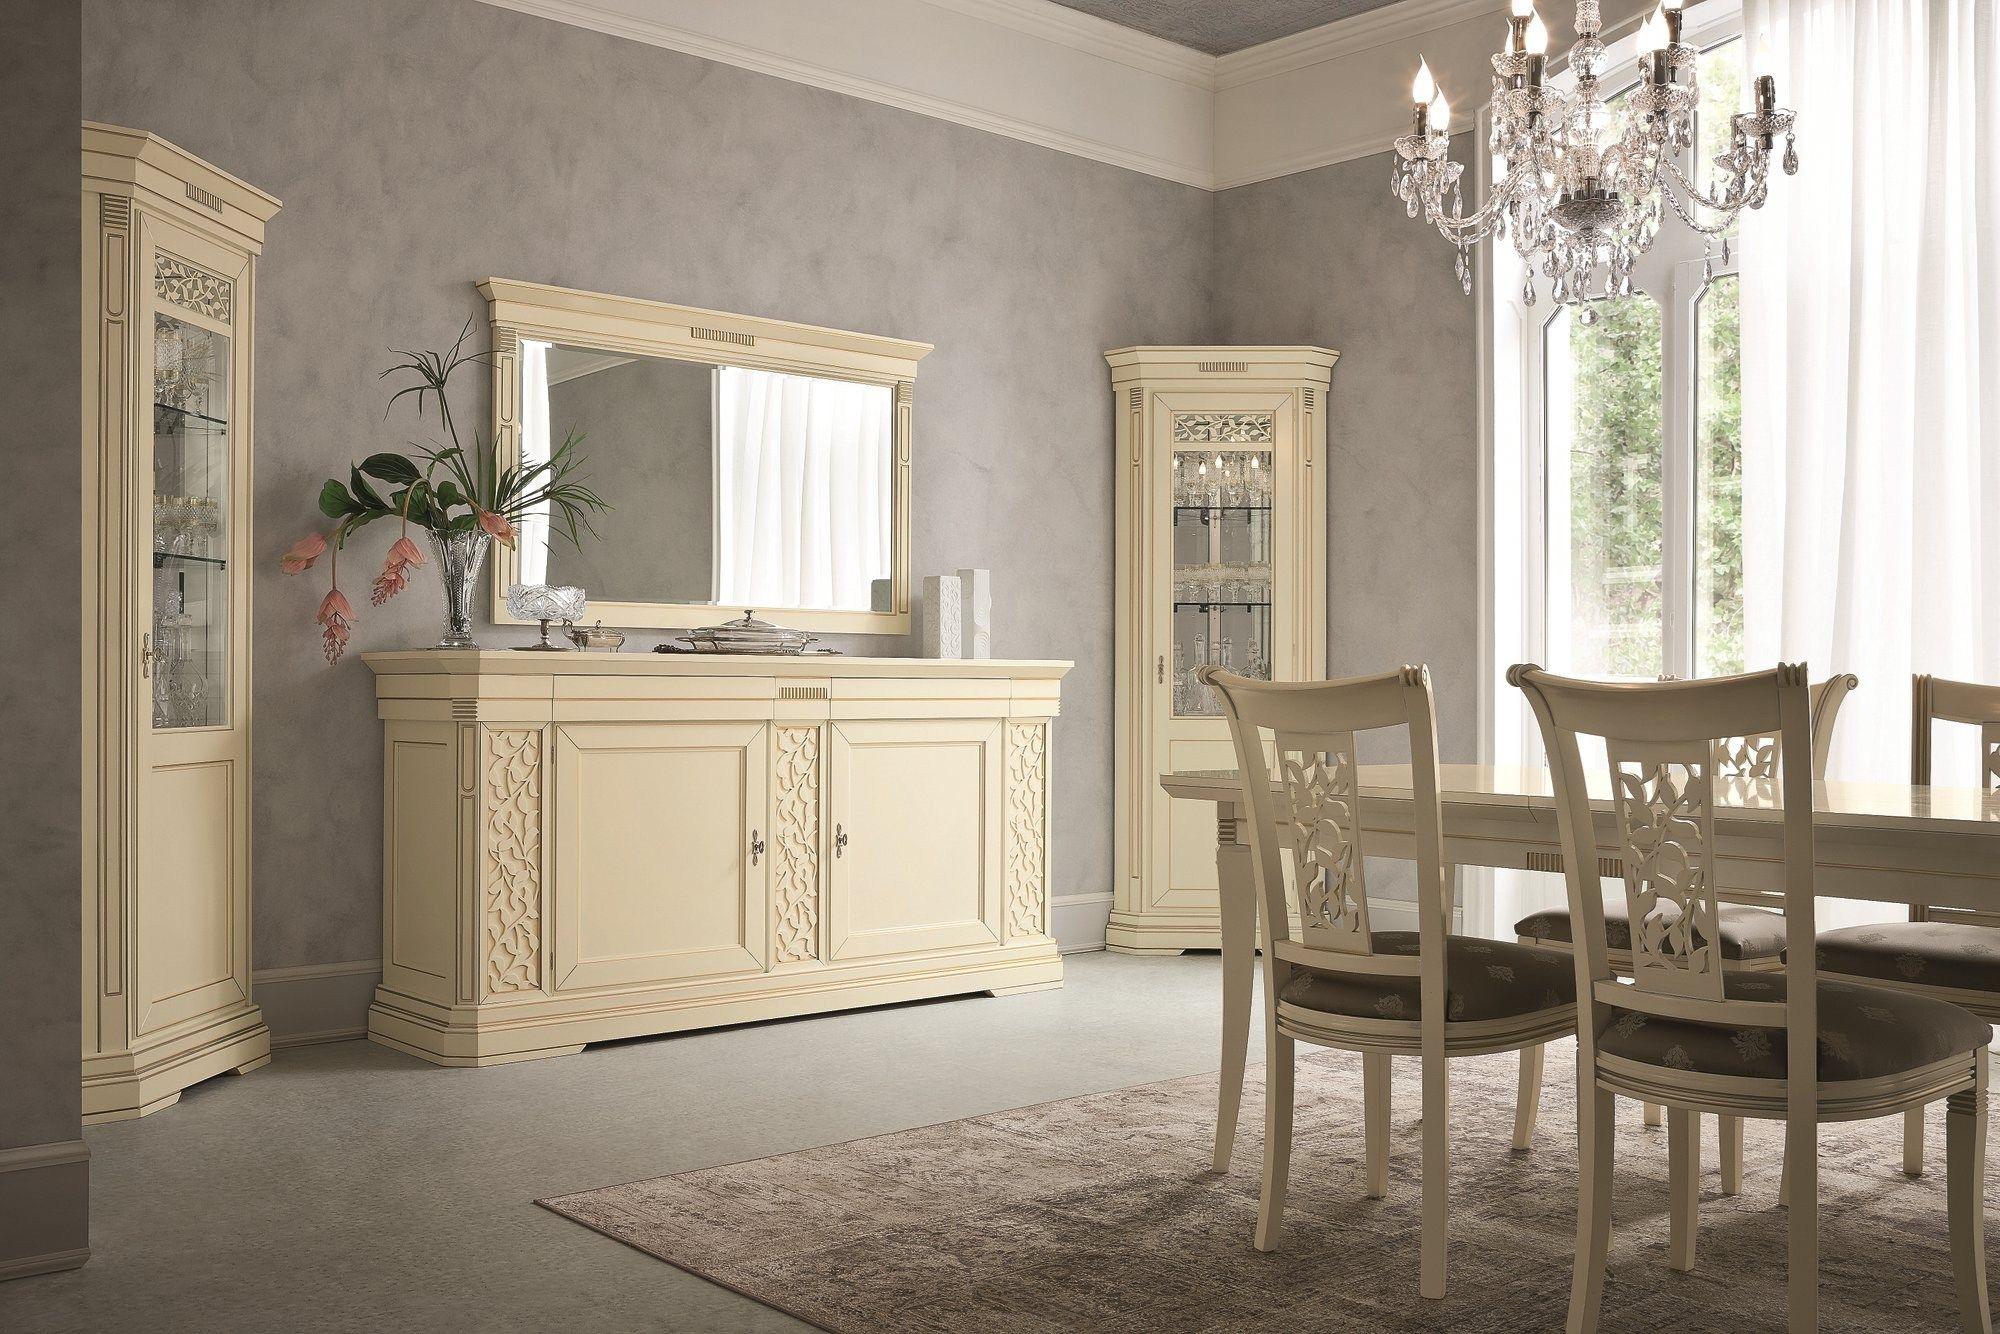 Tiffany madia laccata by dall agnese design imago design meneghin studio - Dall agnese mobili classici ...